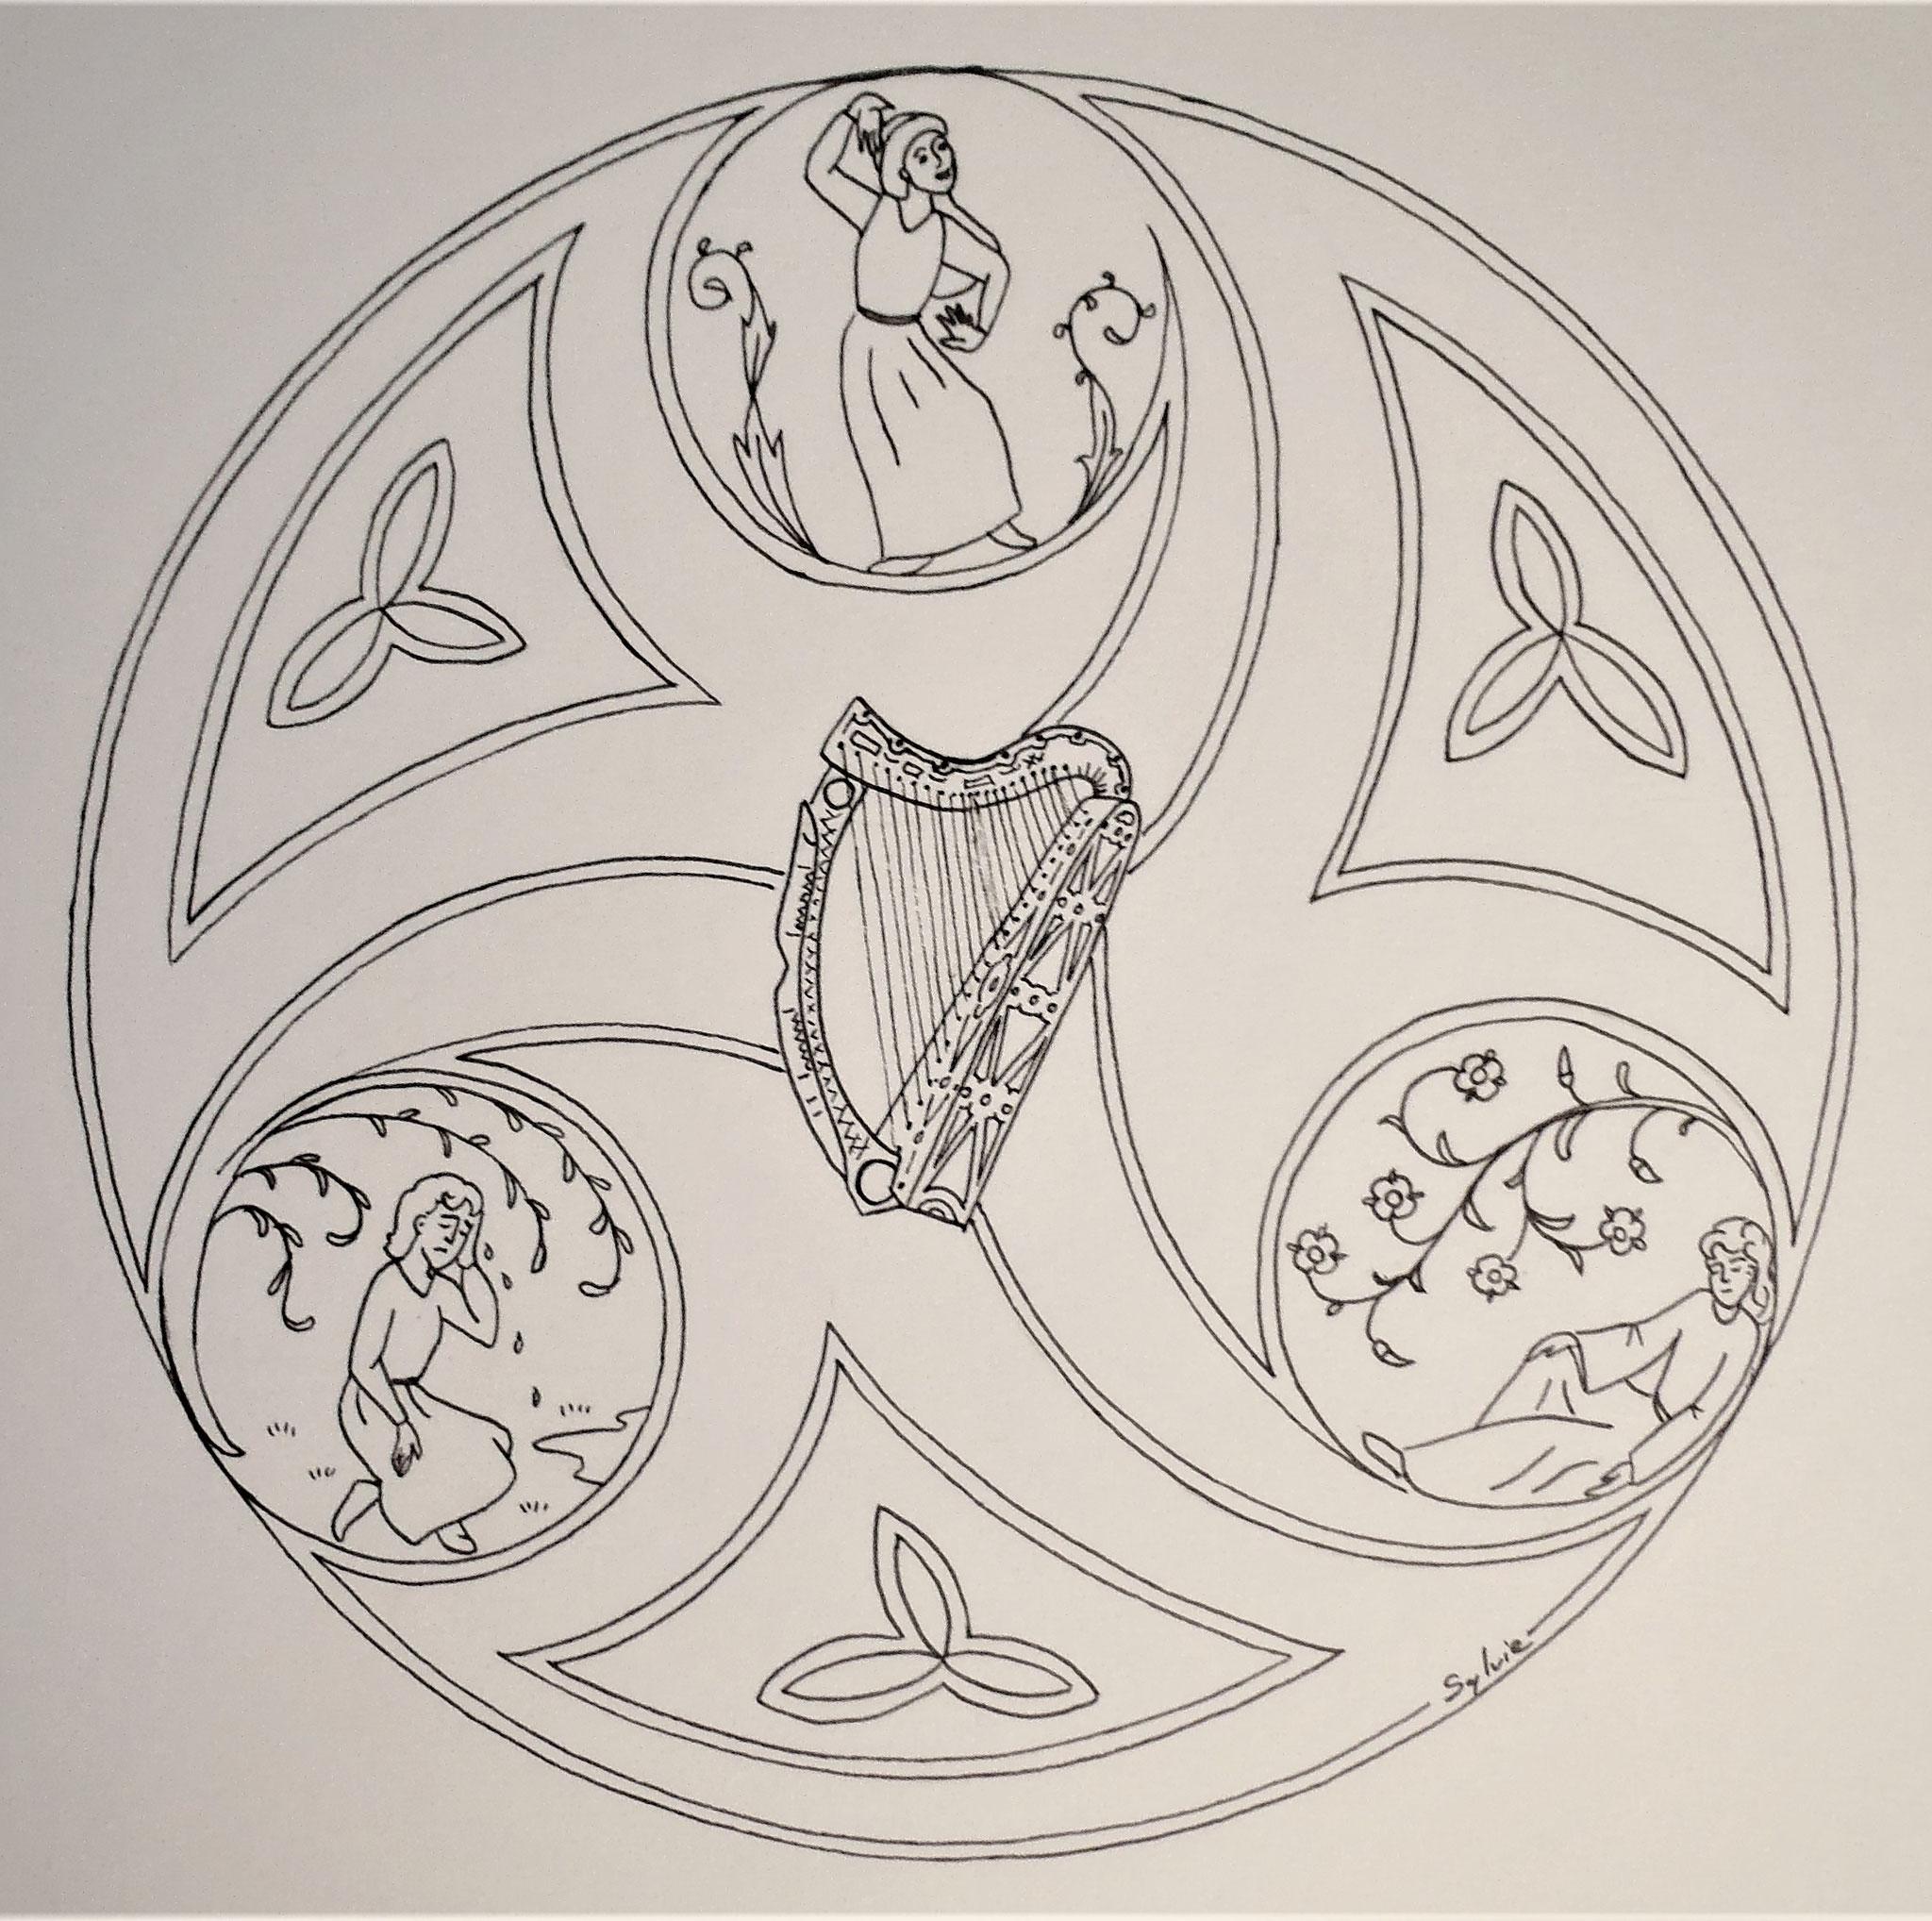 Die drei Töne der Harfe